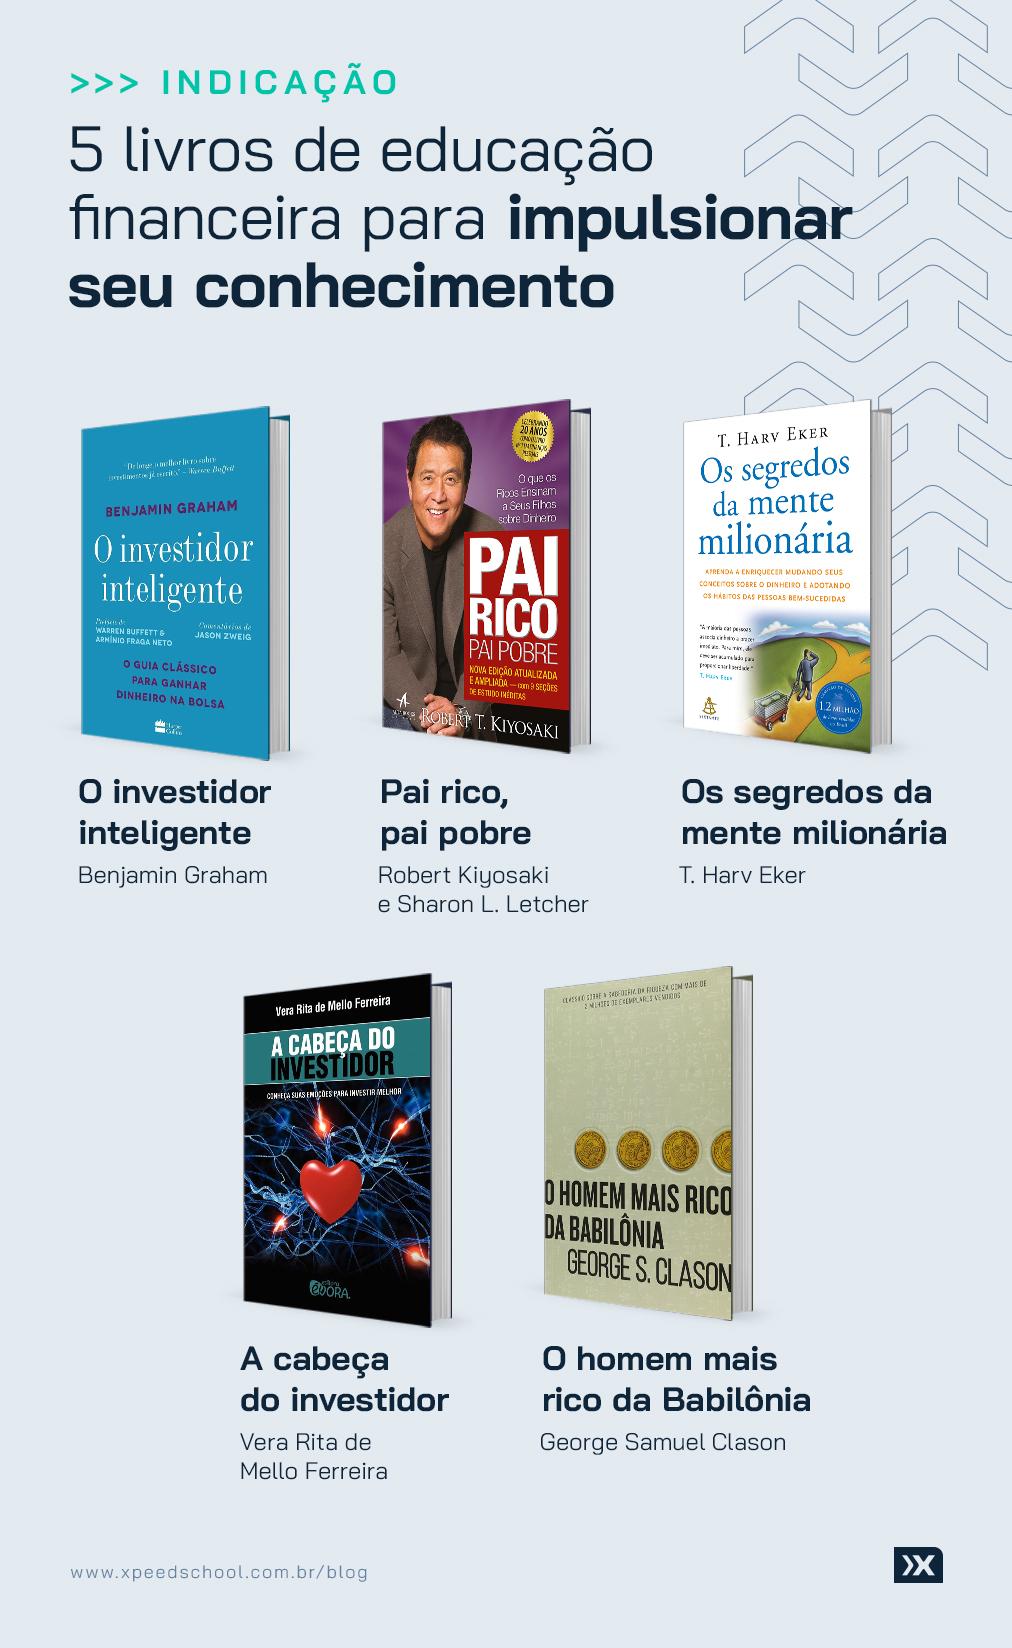 5 livros de educação financeira para impulsionar seu conhecimento